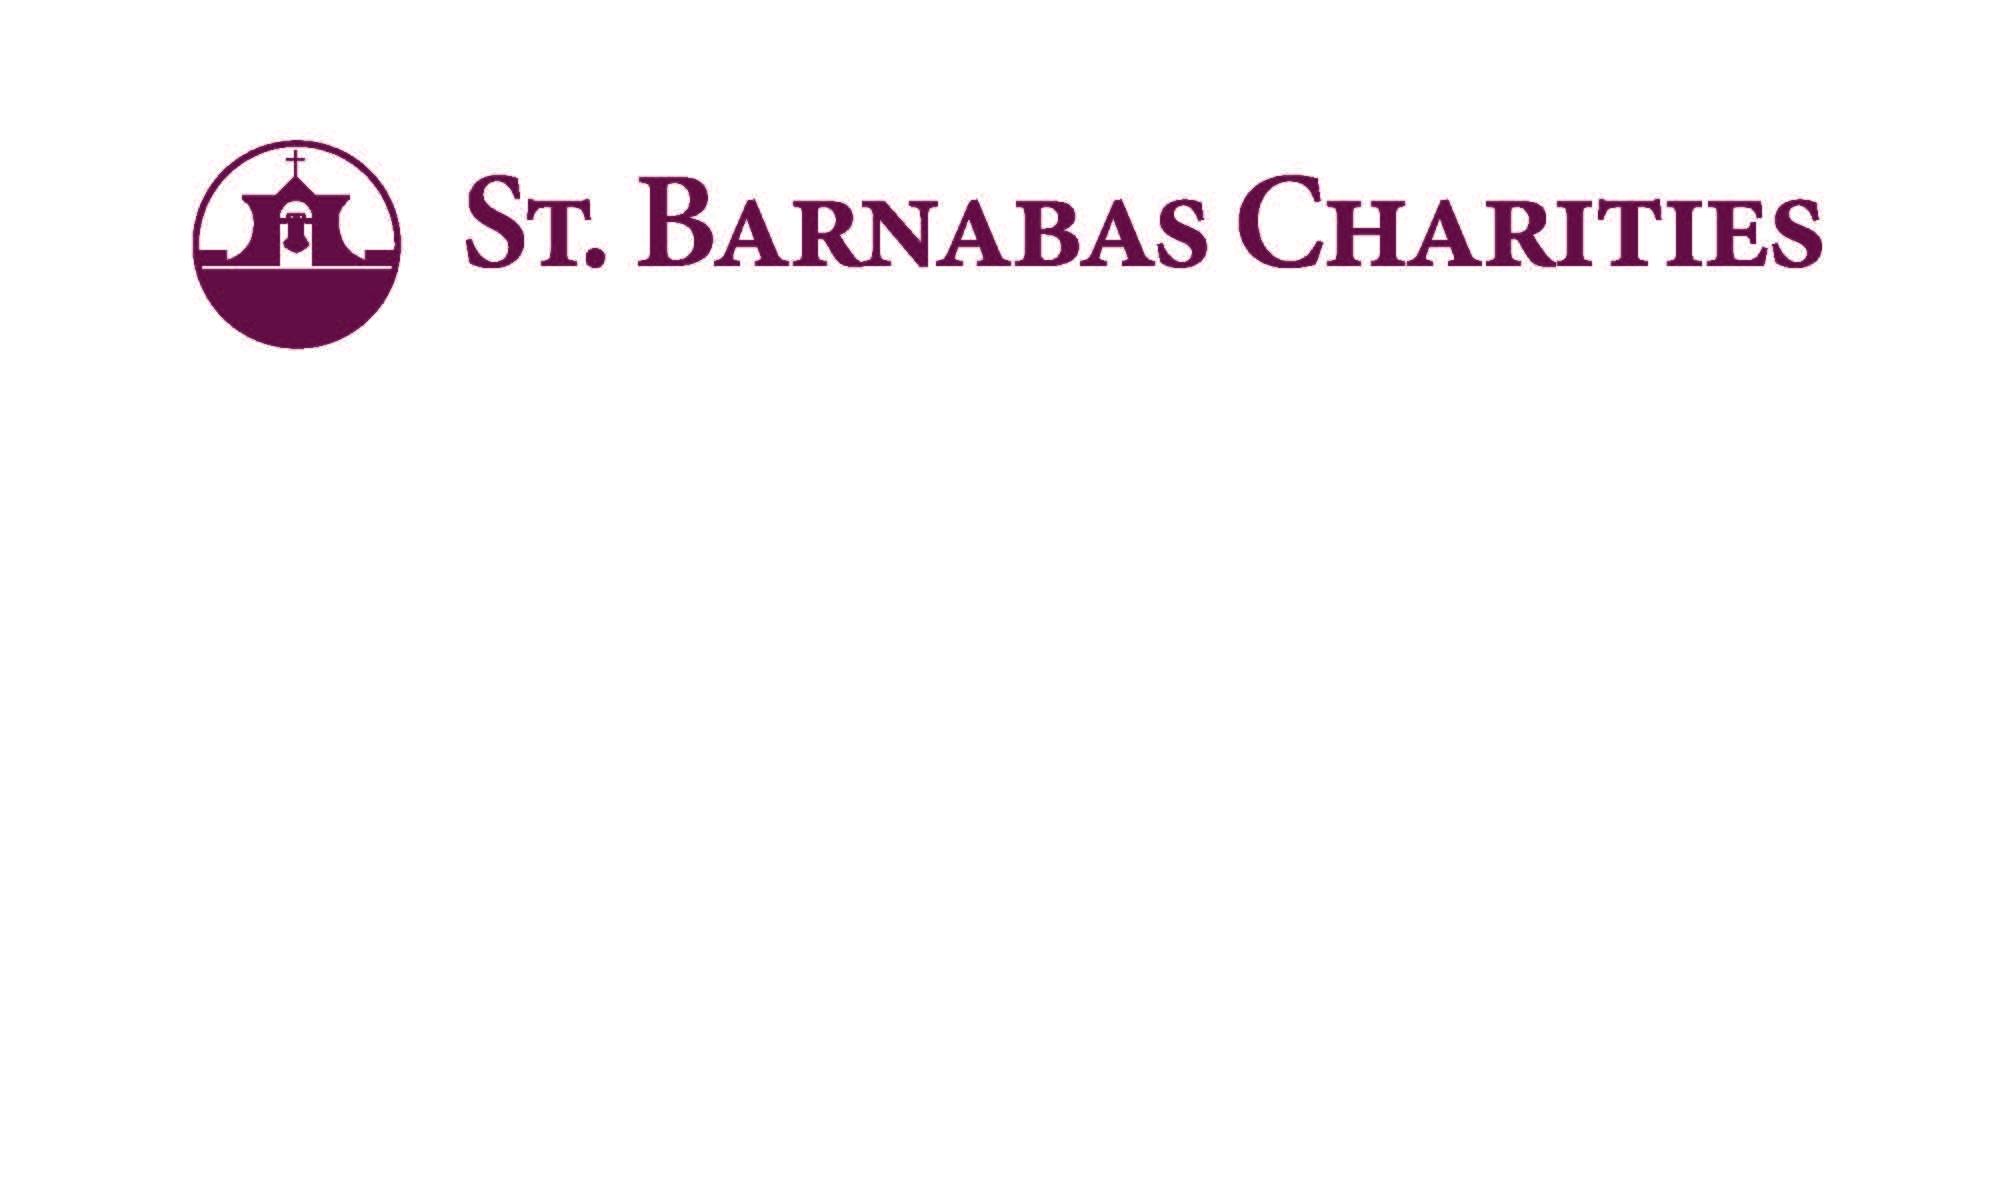 st. barnabas charities 209 horiz